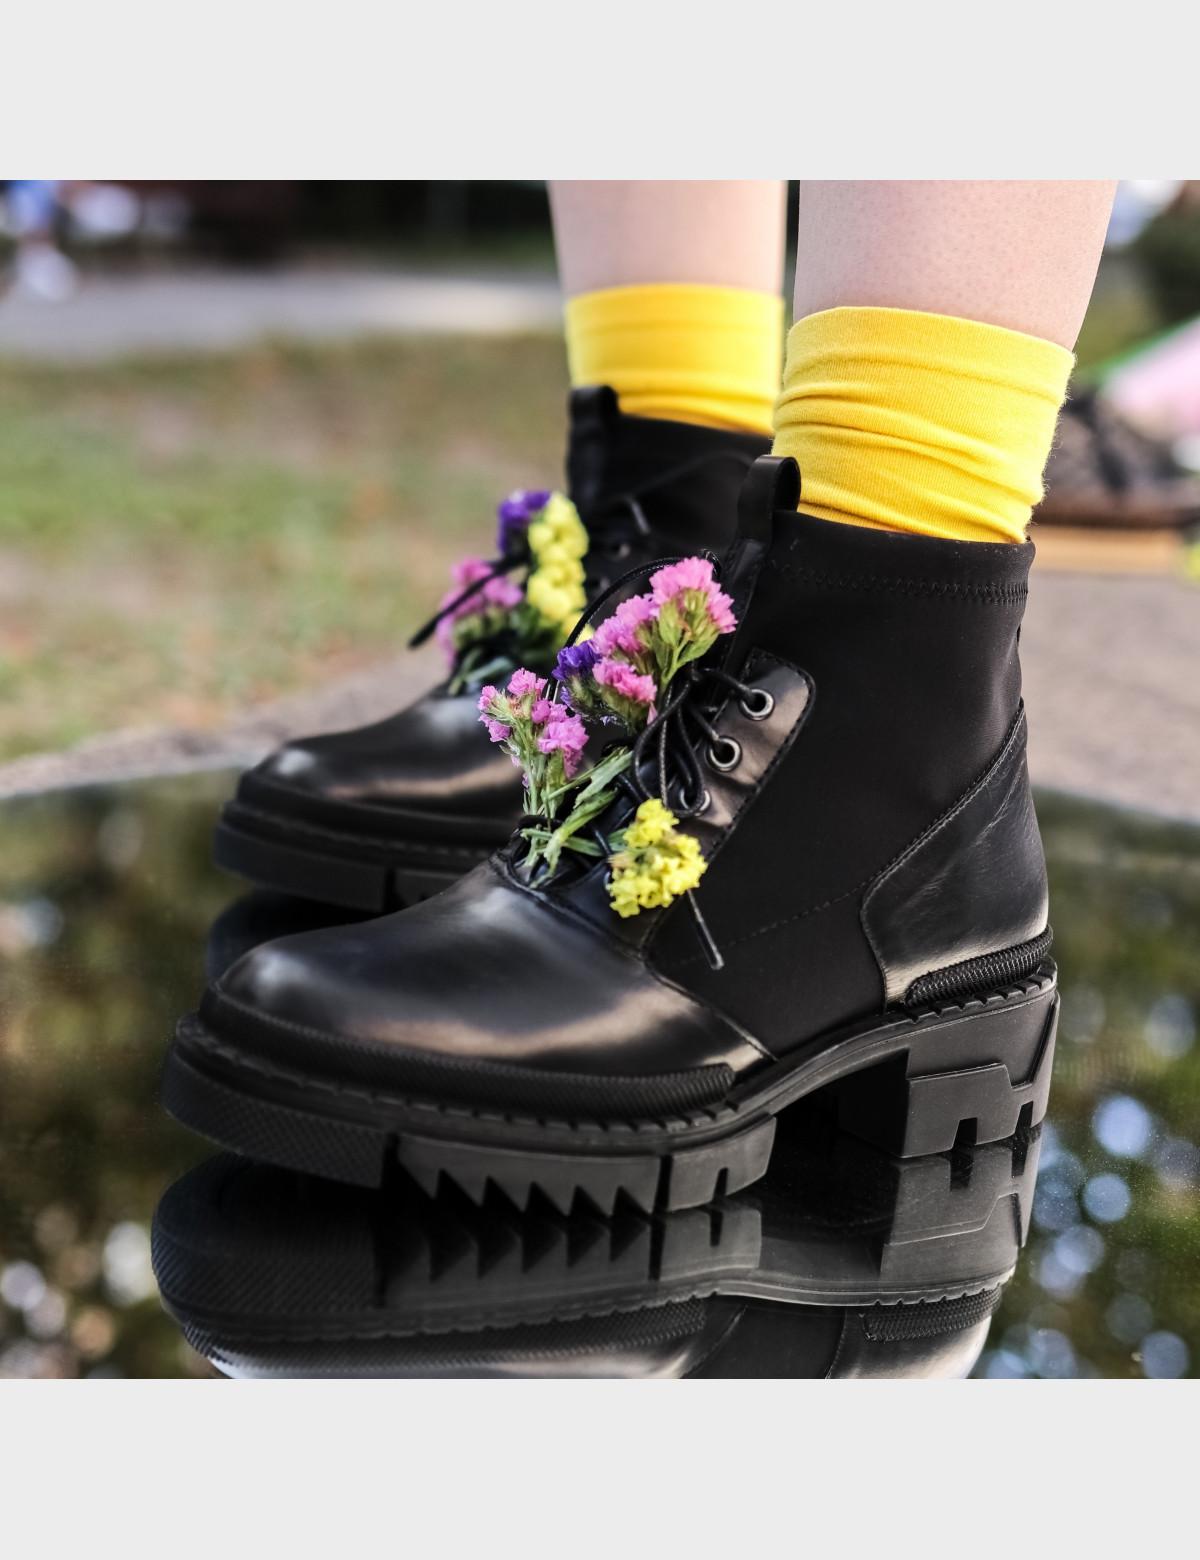 Ботинки черные, натуральная кожа/стрейч. Байка6